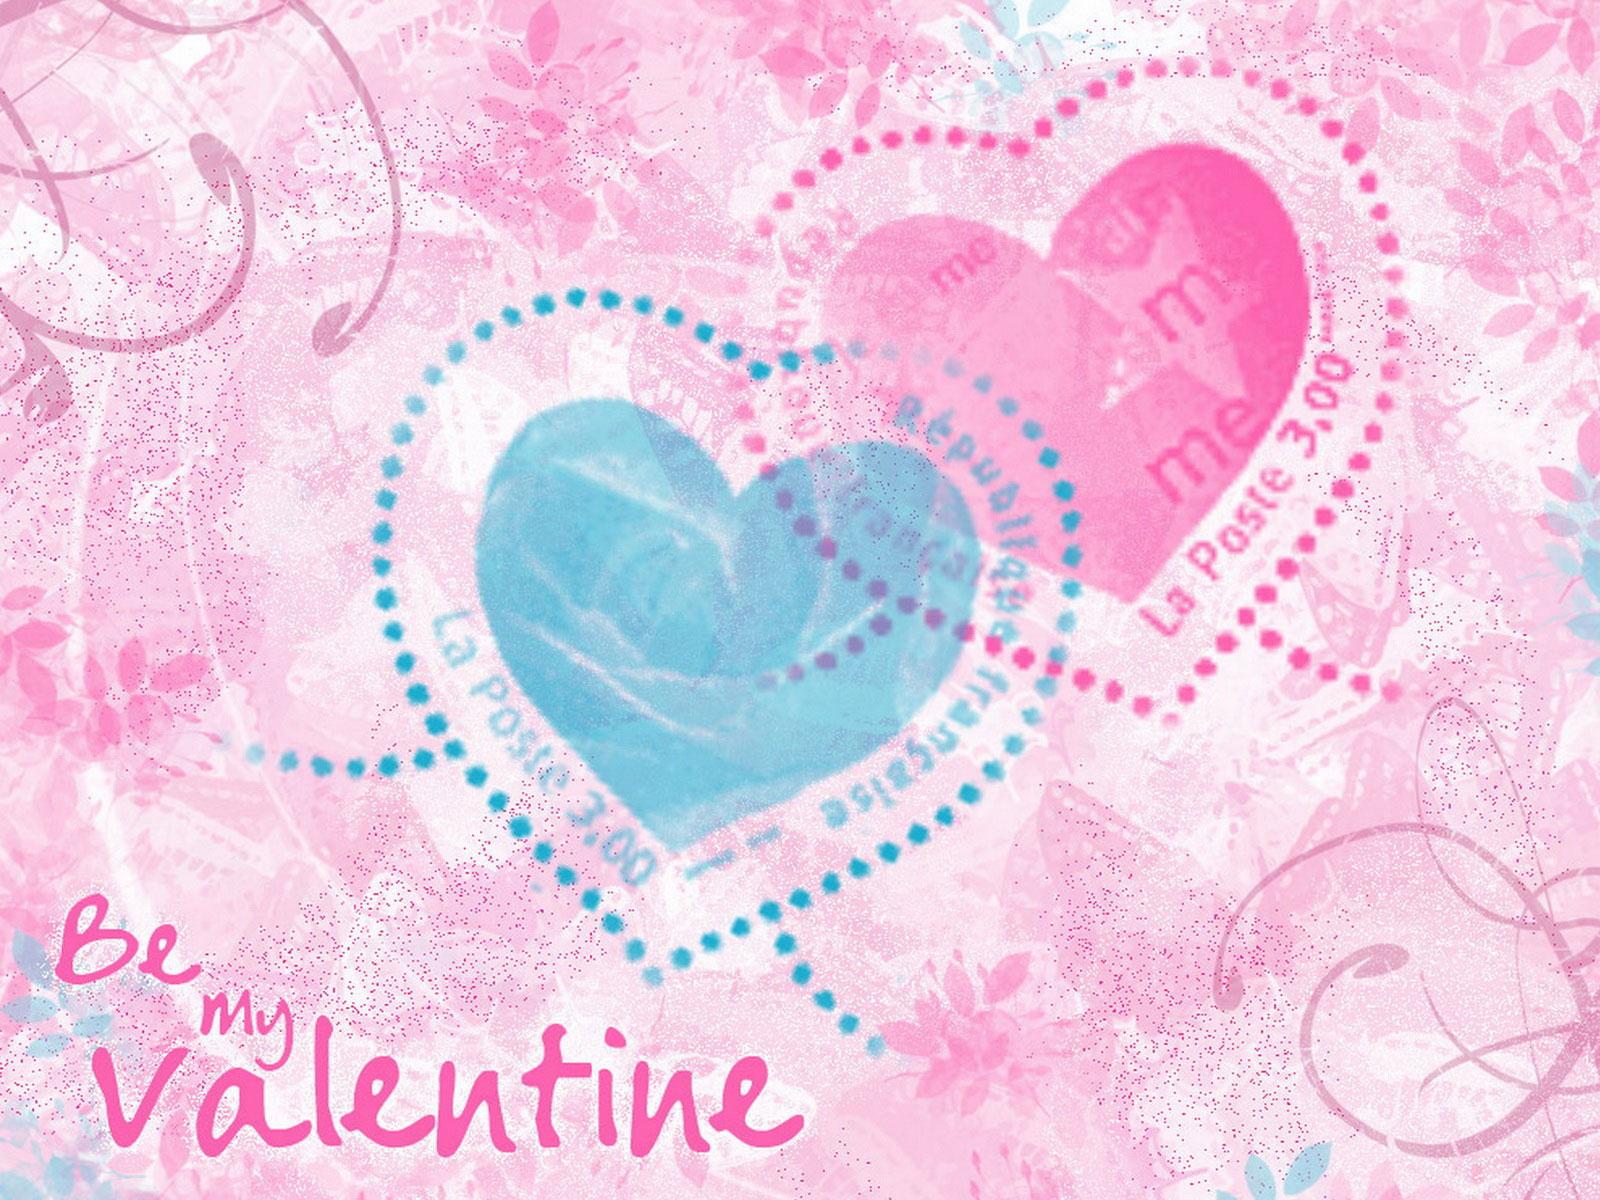 Valentine Wallpaper